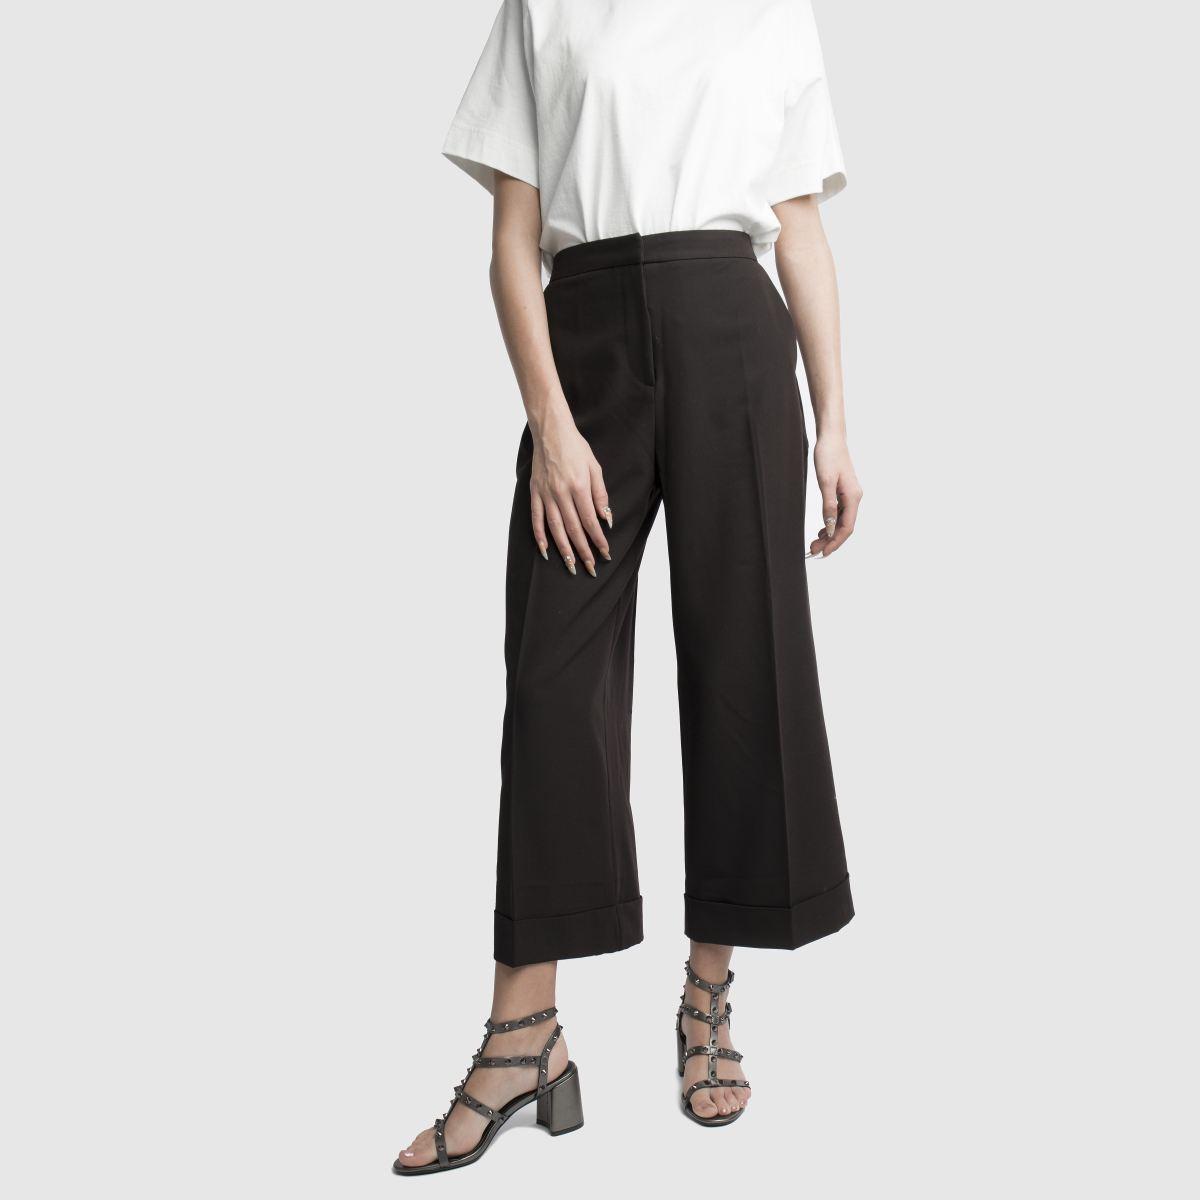 Damen Zinn missguided | Studded Gladiator High Heels | missguided schuh Gute Qualität beliebte Schuhe f2bcab